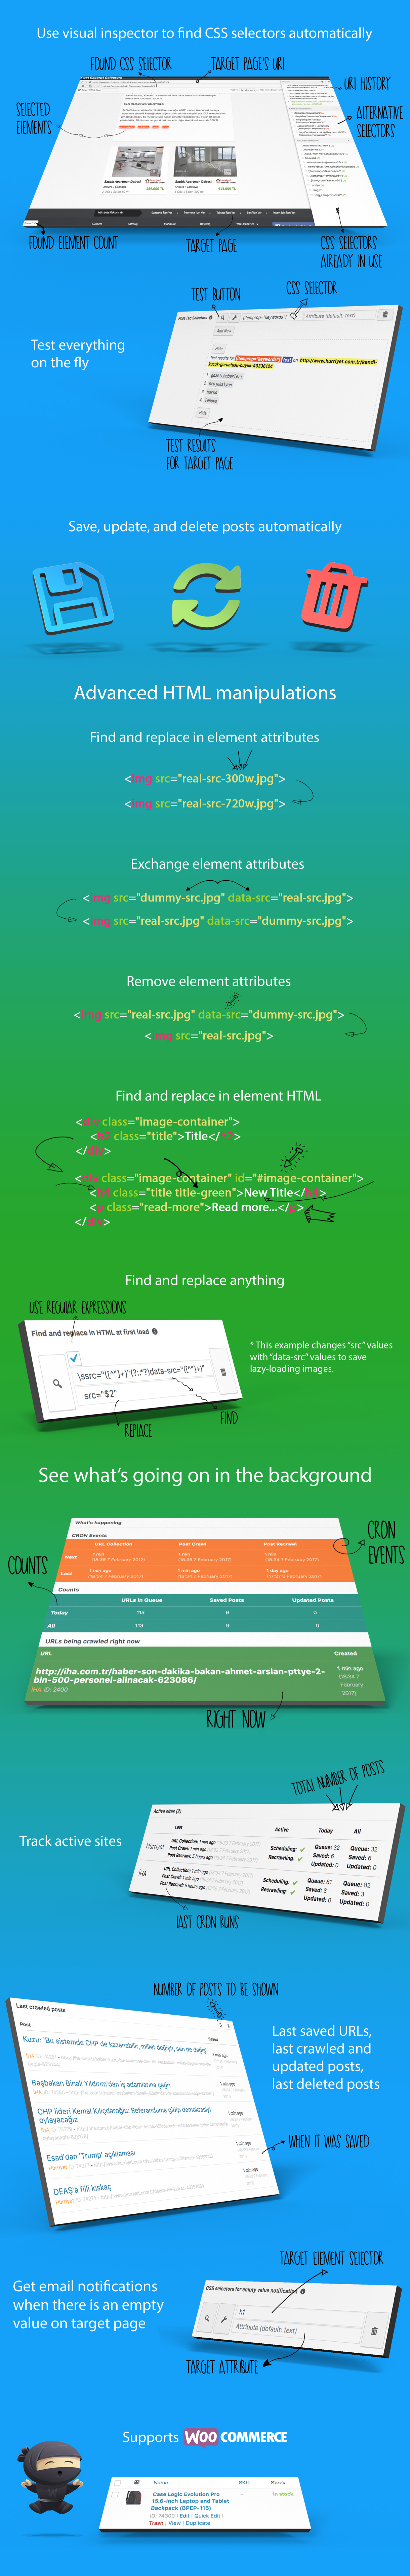 WP Content Crawler - Получайте контент практически с любого сайта автоматически! - 2